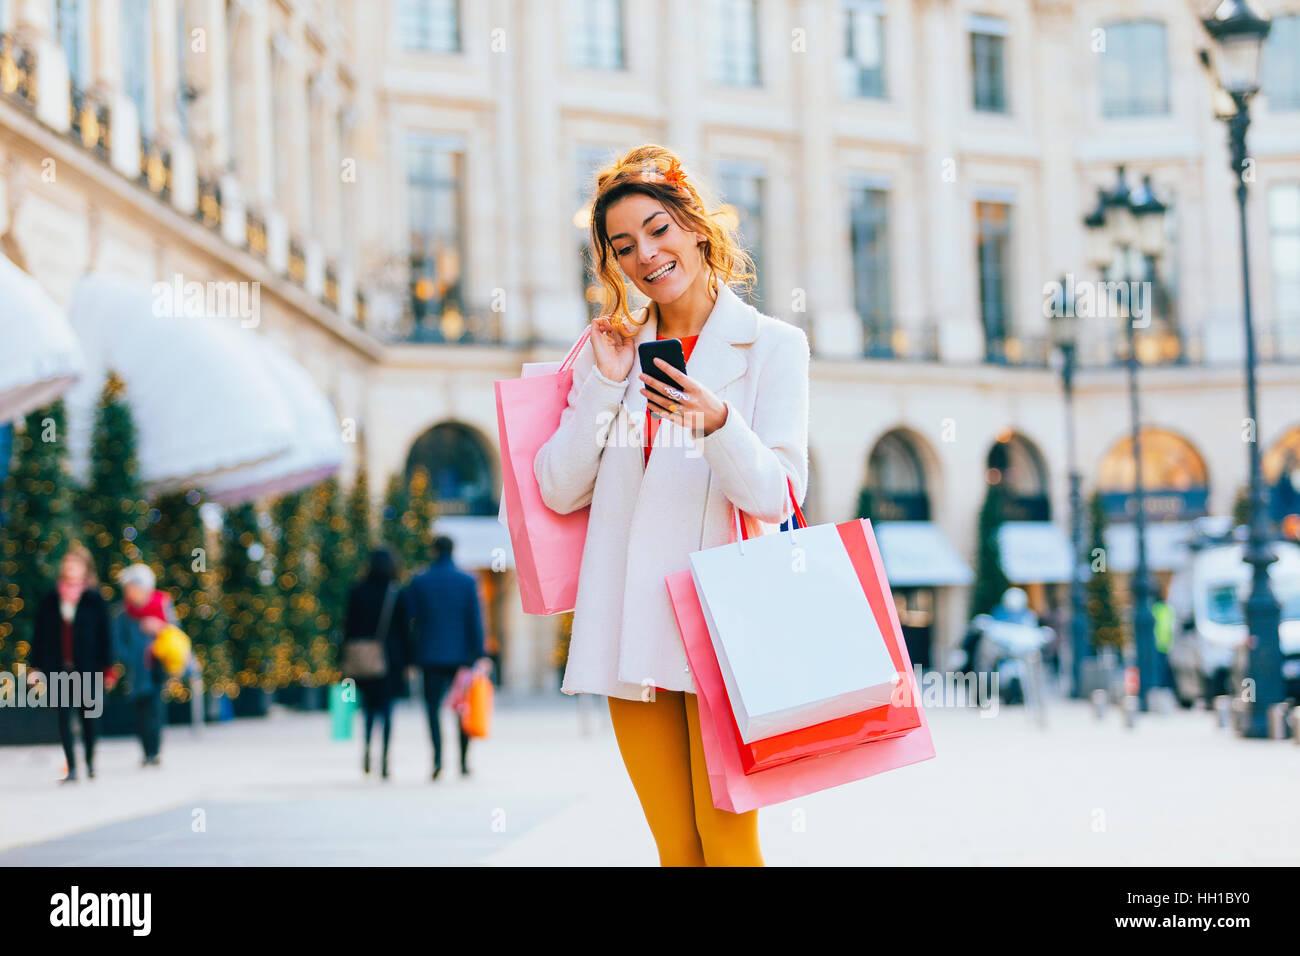 La donna a fare shopping a Parigi, Place Vendome Immagini Stock